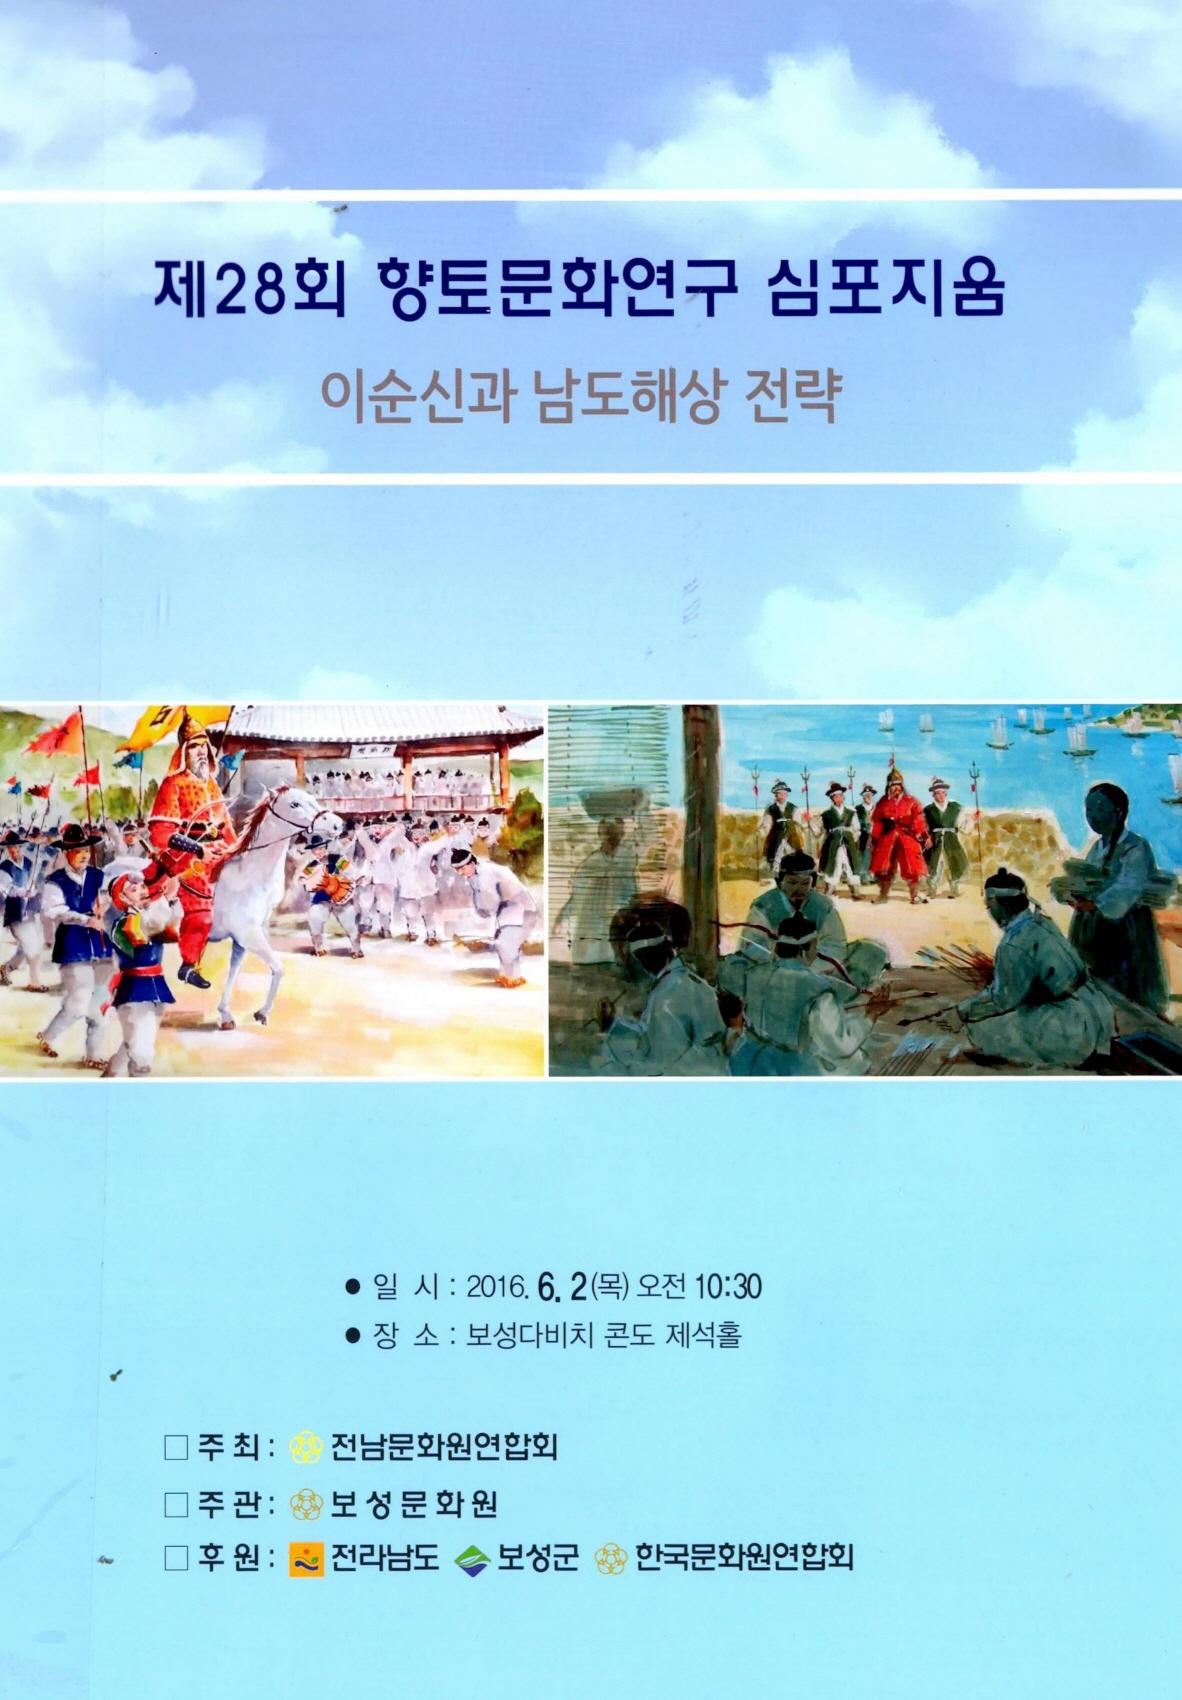 제28회 향토문화연구 심포지움 이순신과 남도해상 전략